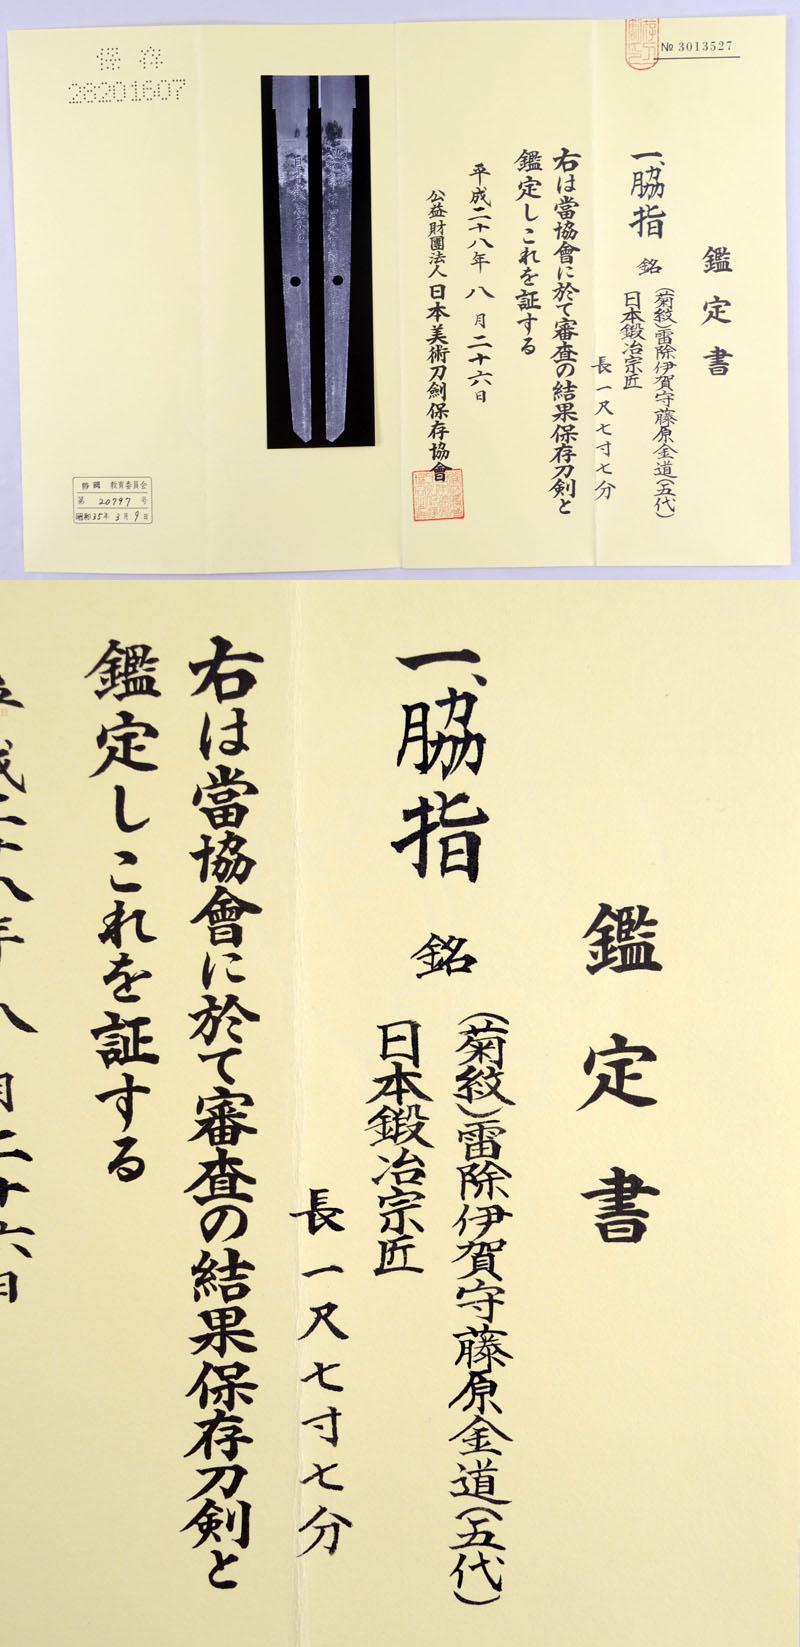 雷除伊賀守藤原金道(五代) Picture of Certificate